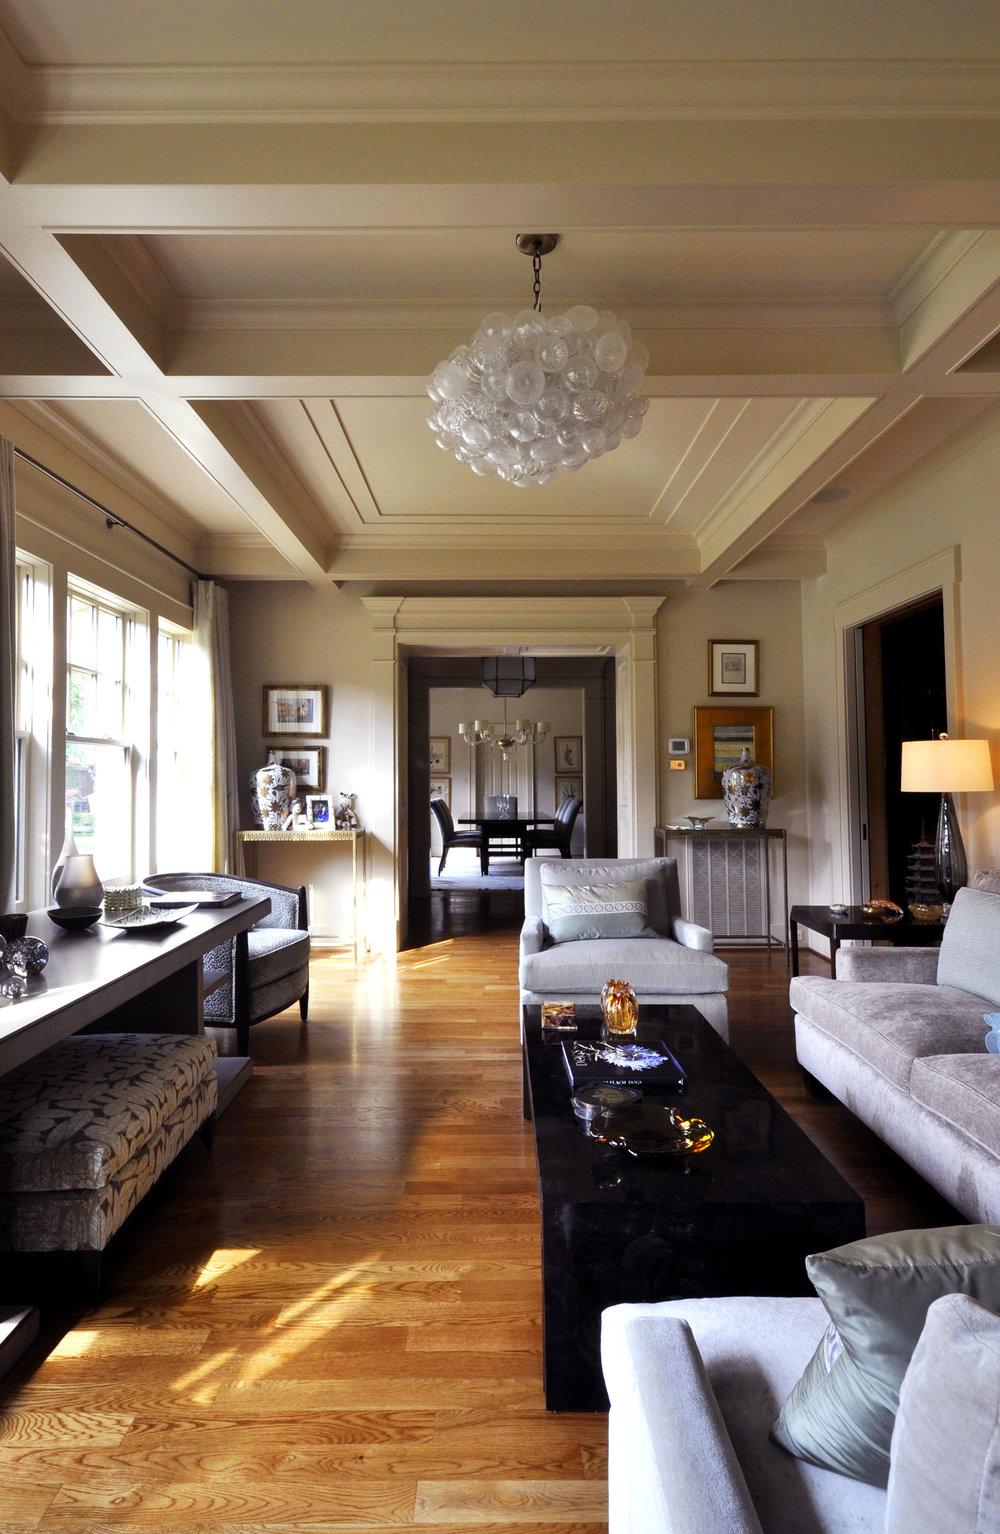 5 Fox_livingroom.jpg